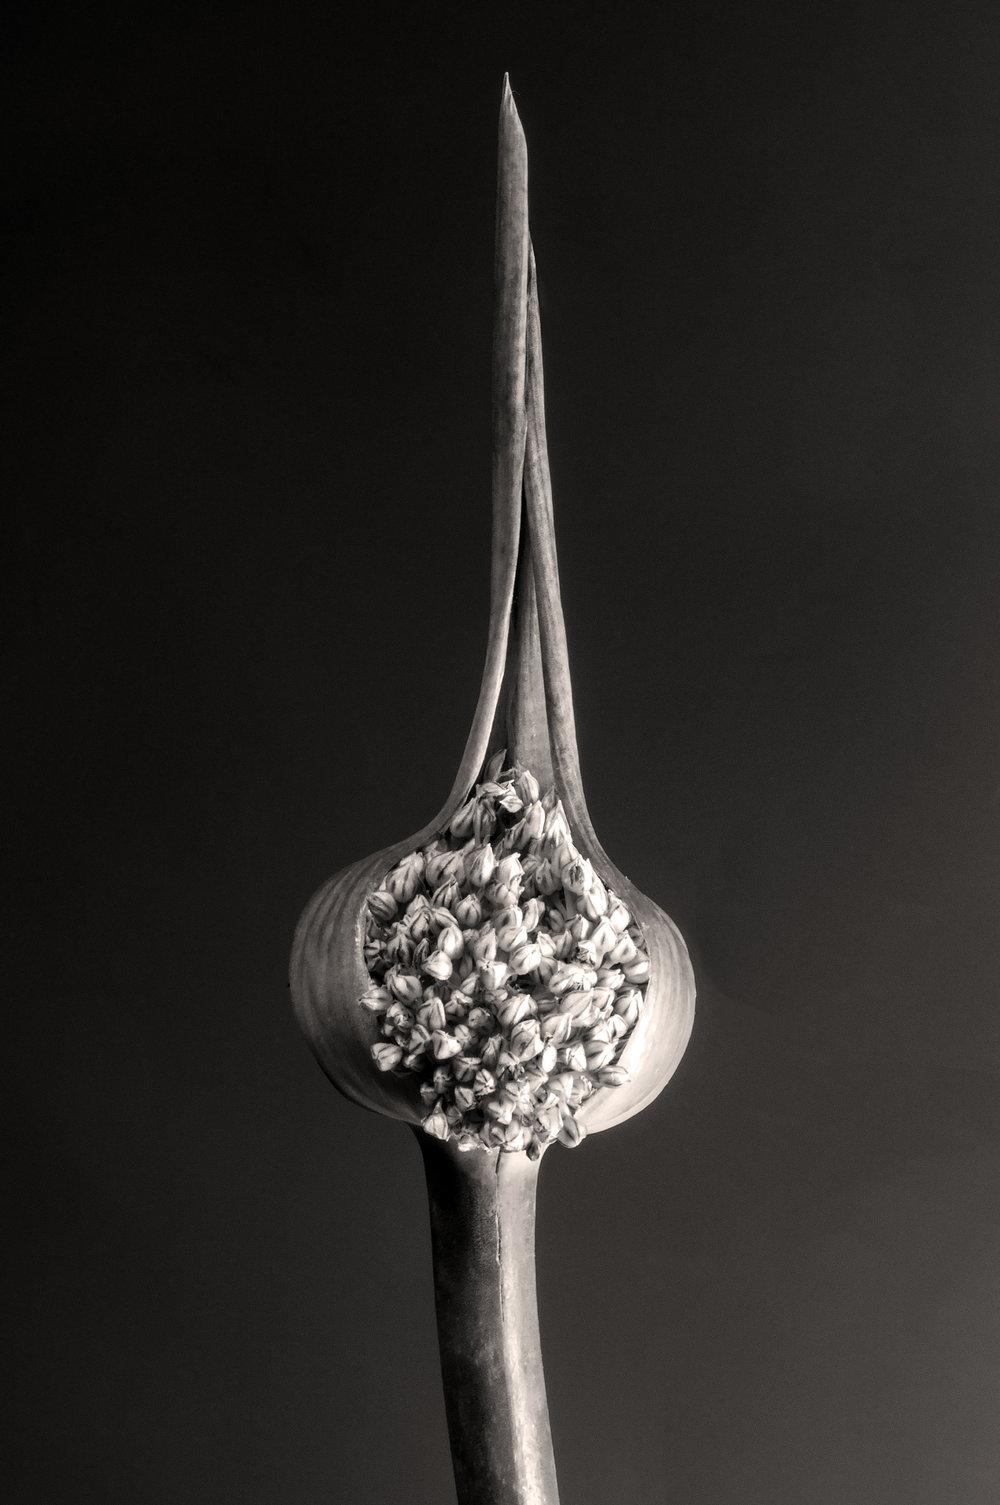 carol-lawrence-slit-scape-alt-2.jpg